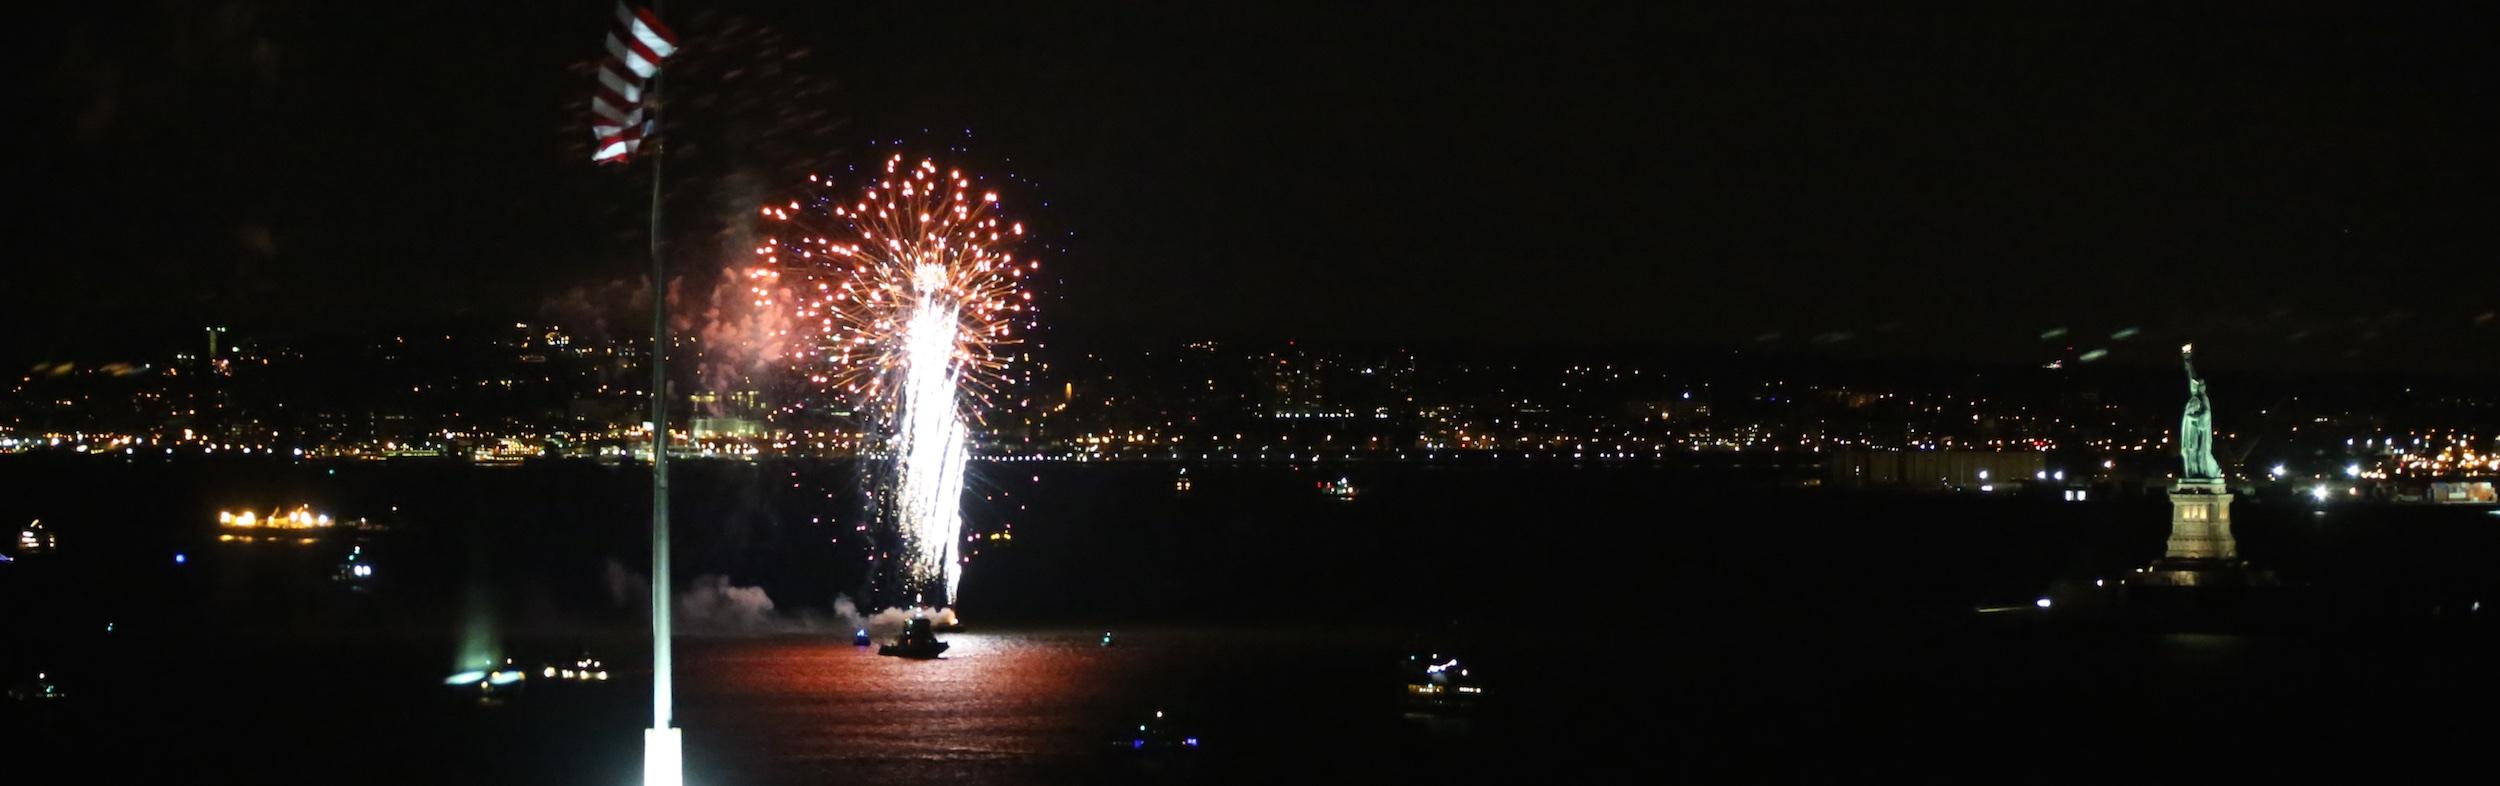 Sylvester Feuerwerk an der Freiheitsstatue